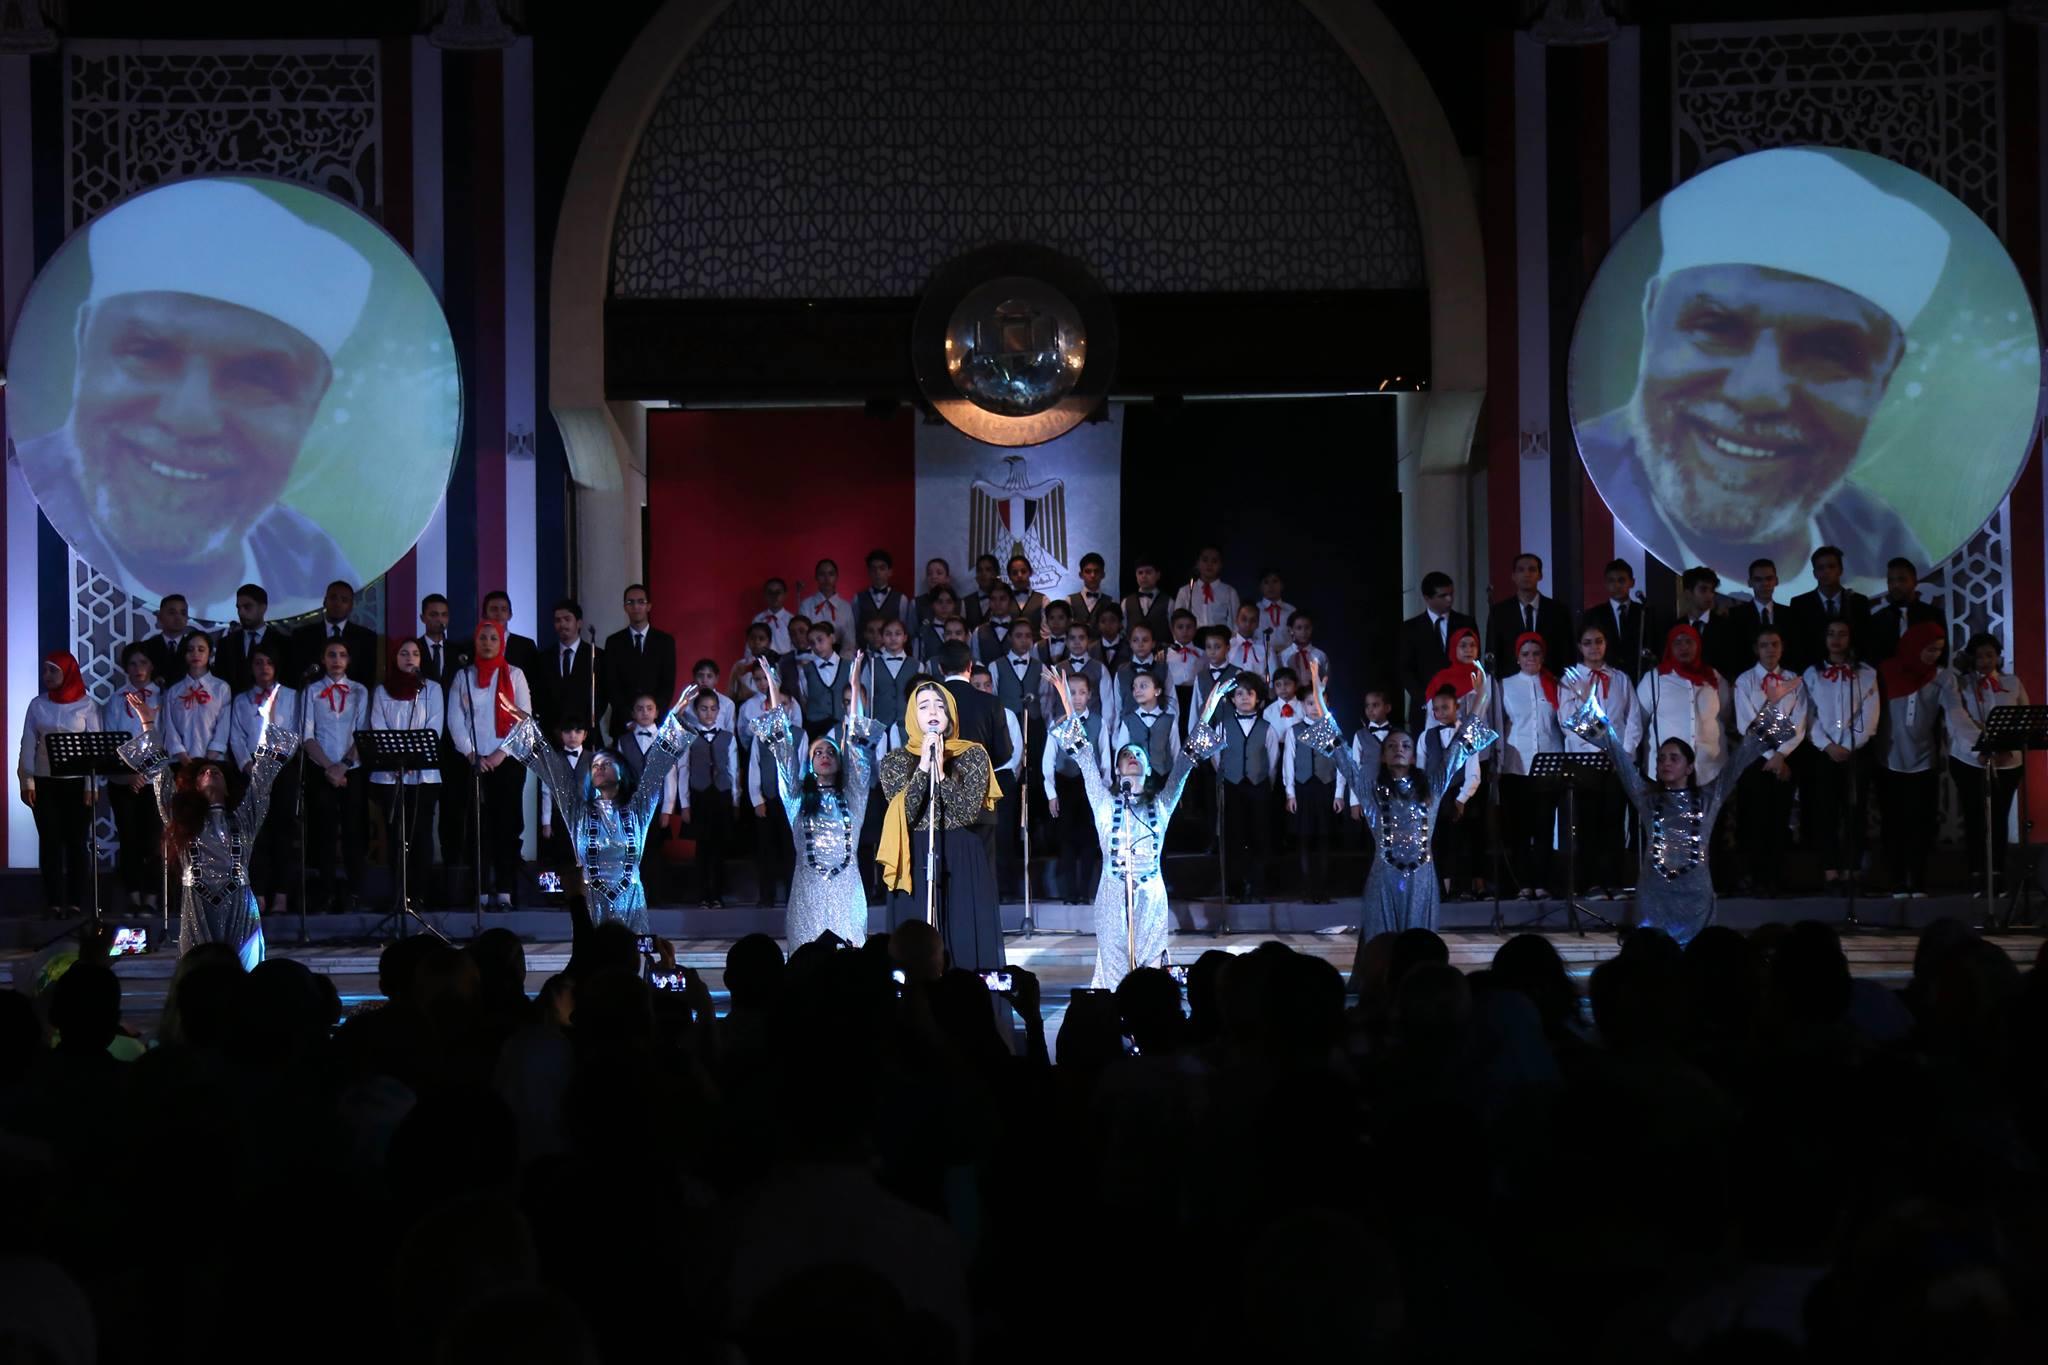 احتفالات دار الاوبرا بـ 30 يونيو (5)